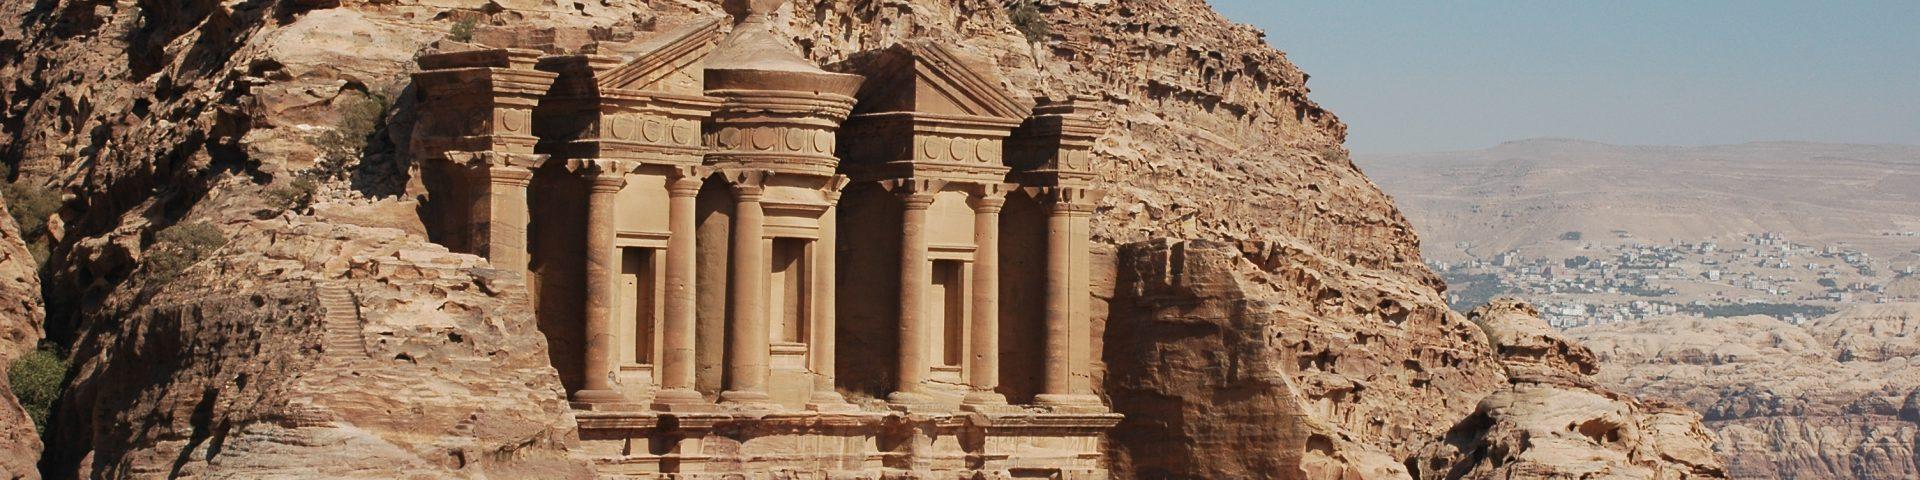 Petra, mystisk och överraskande 1